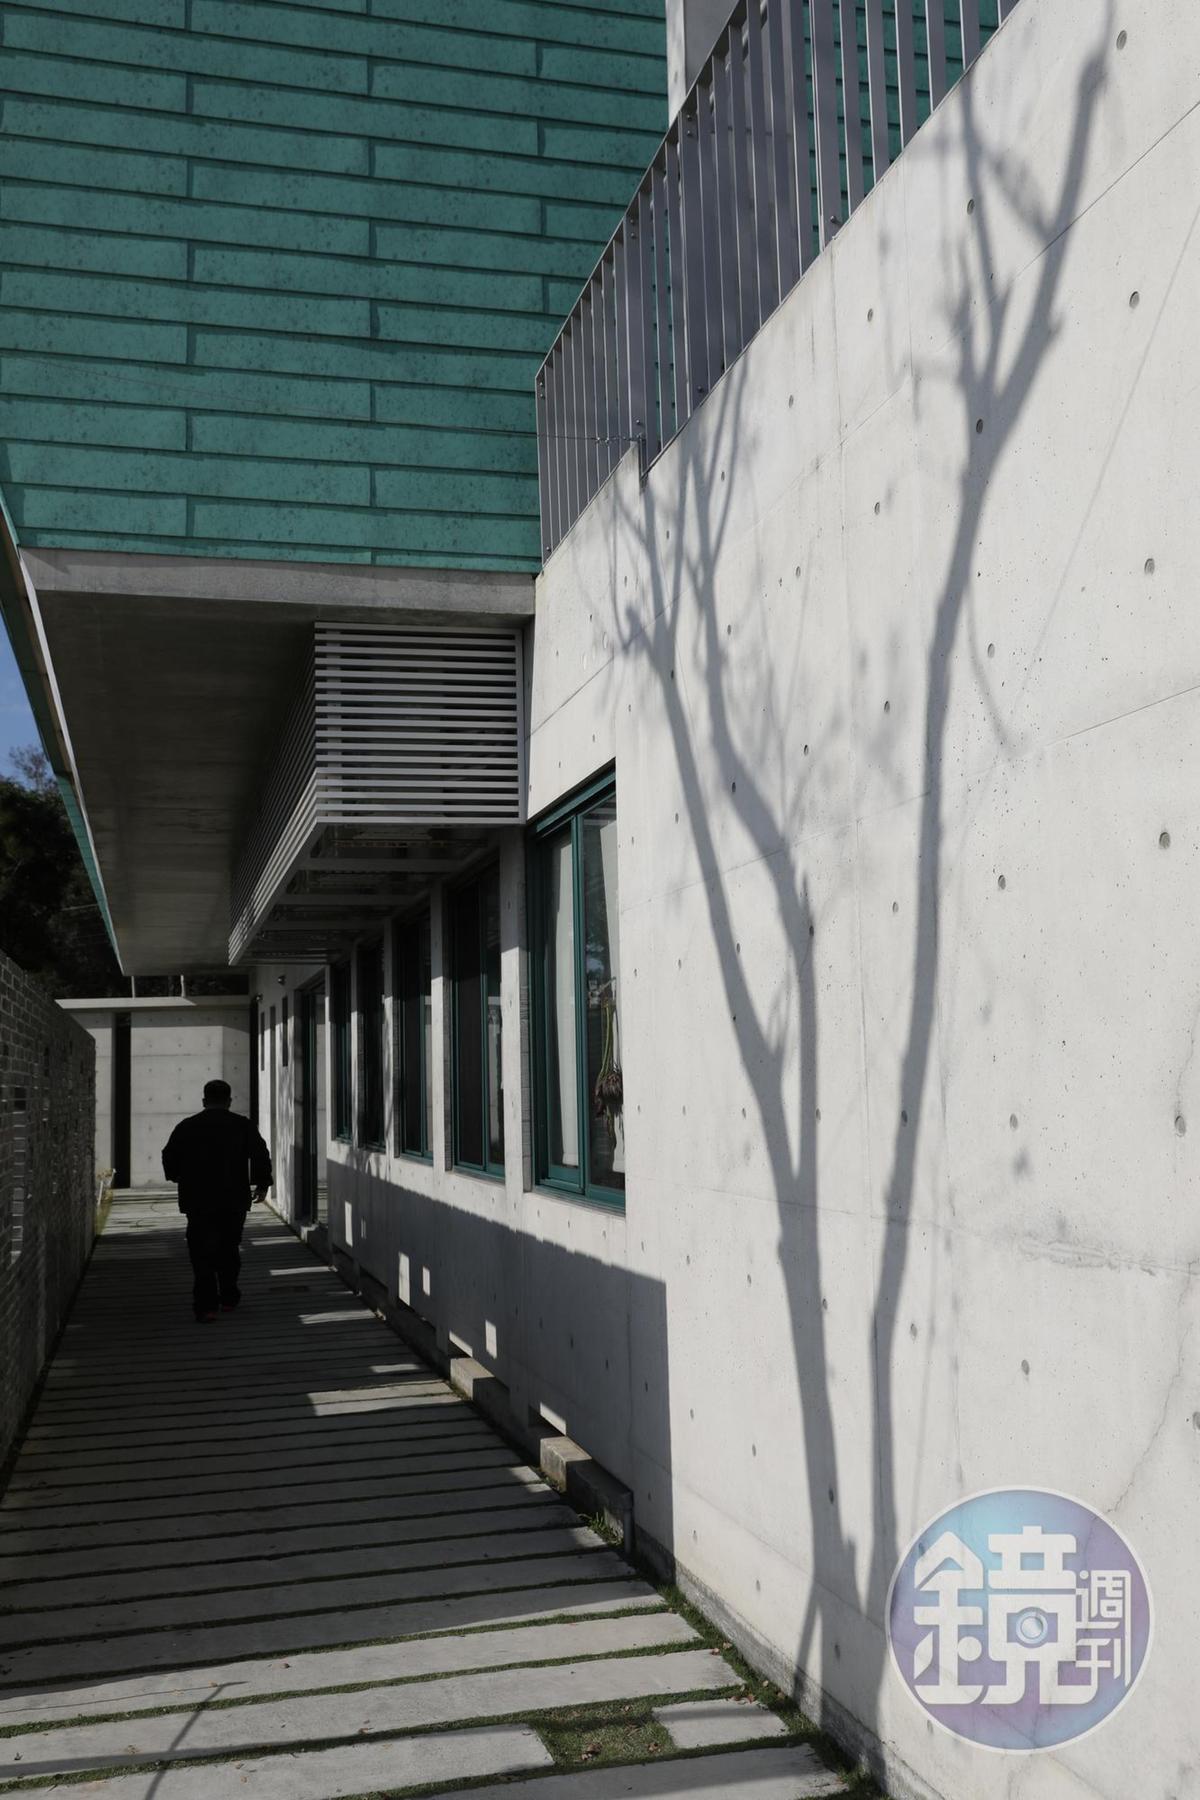 樹影搖曳清水模牆面,自然畫作引人佇足。